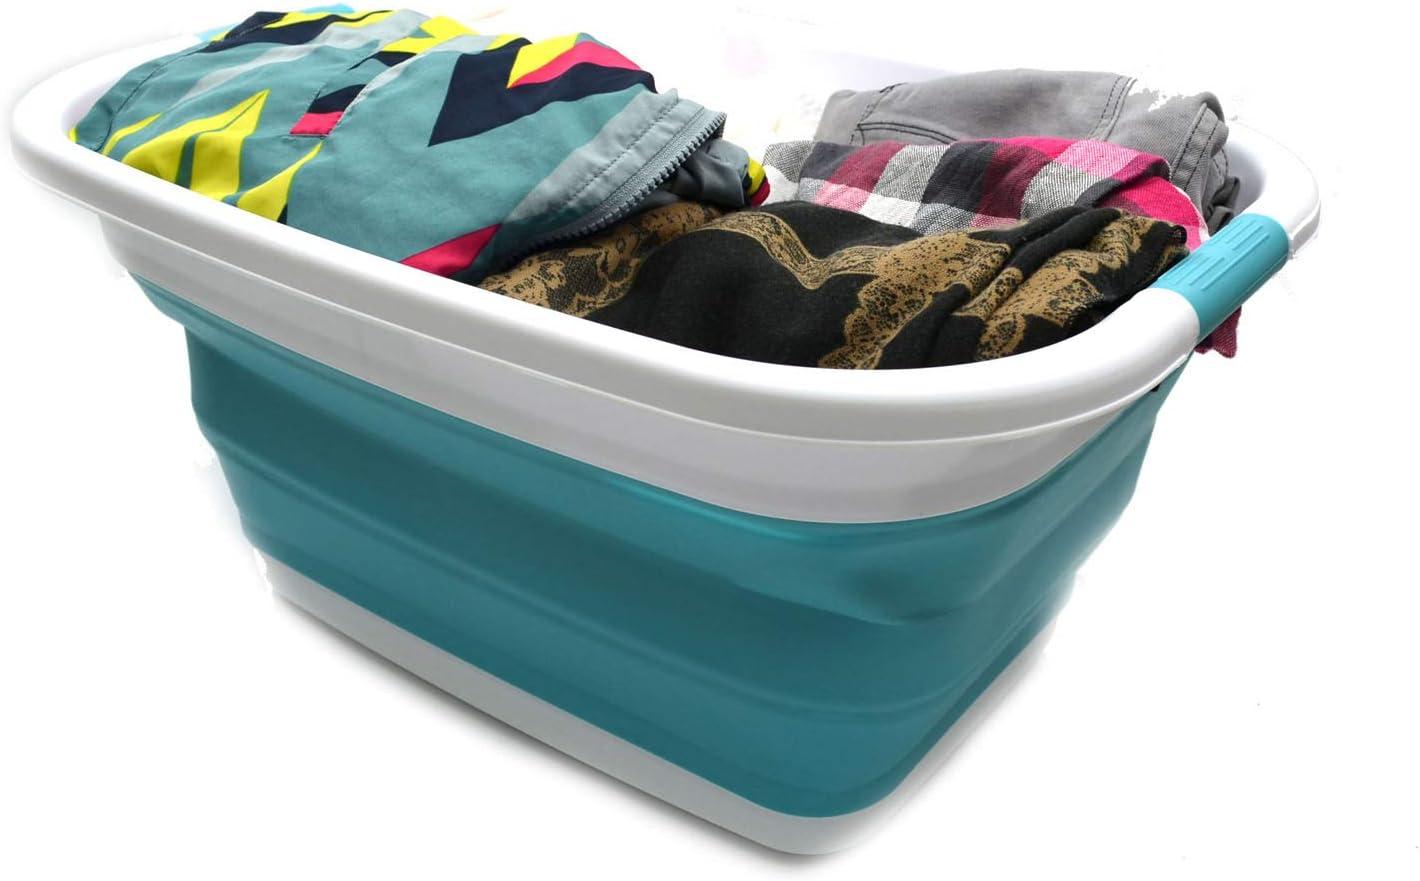 fedsjuihyg Impermeable Plegable de lavander/ía Cesto de Cubo sucios de Ropa de lavander/ía Cesta Compartimiento de almacenaje del Organizador de Juguete Colecci/ón E Estilo